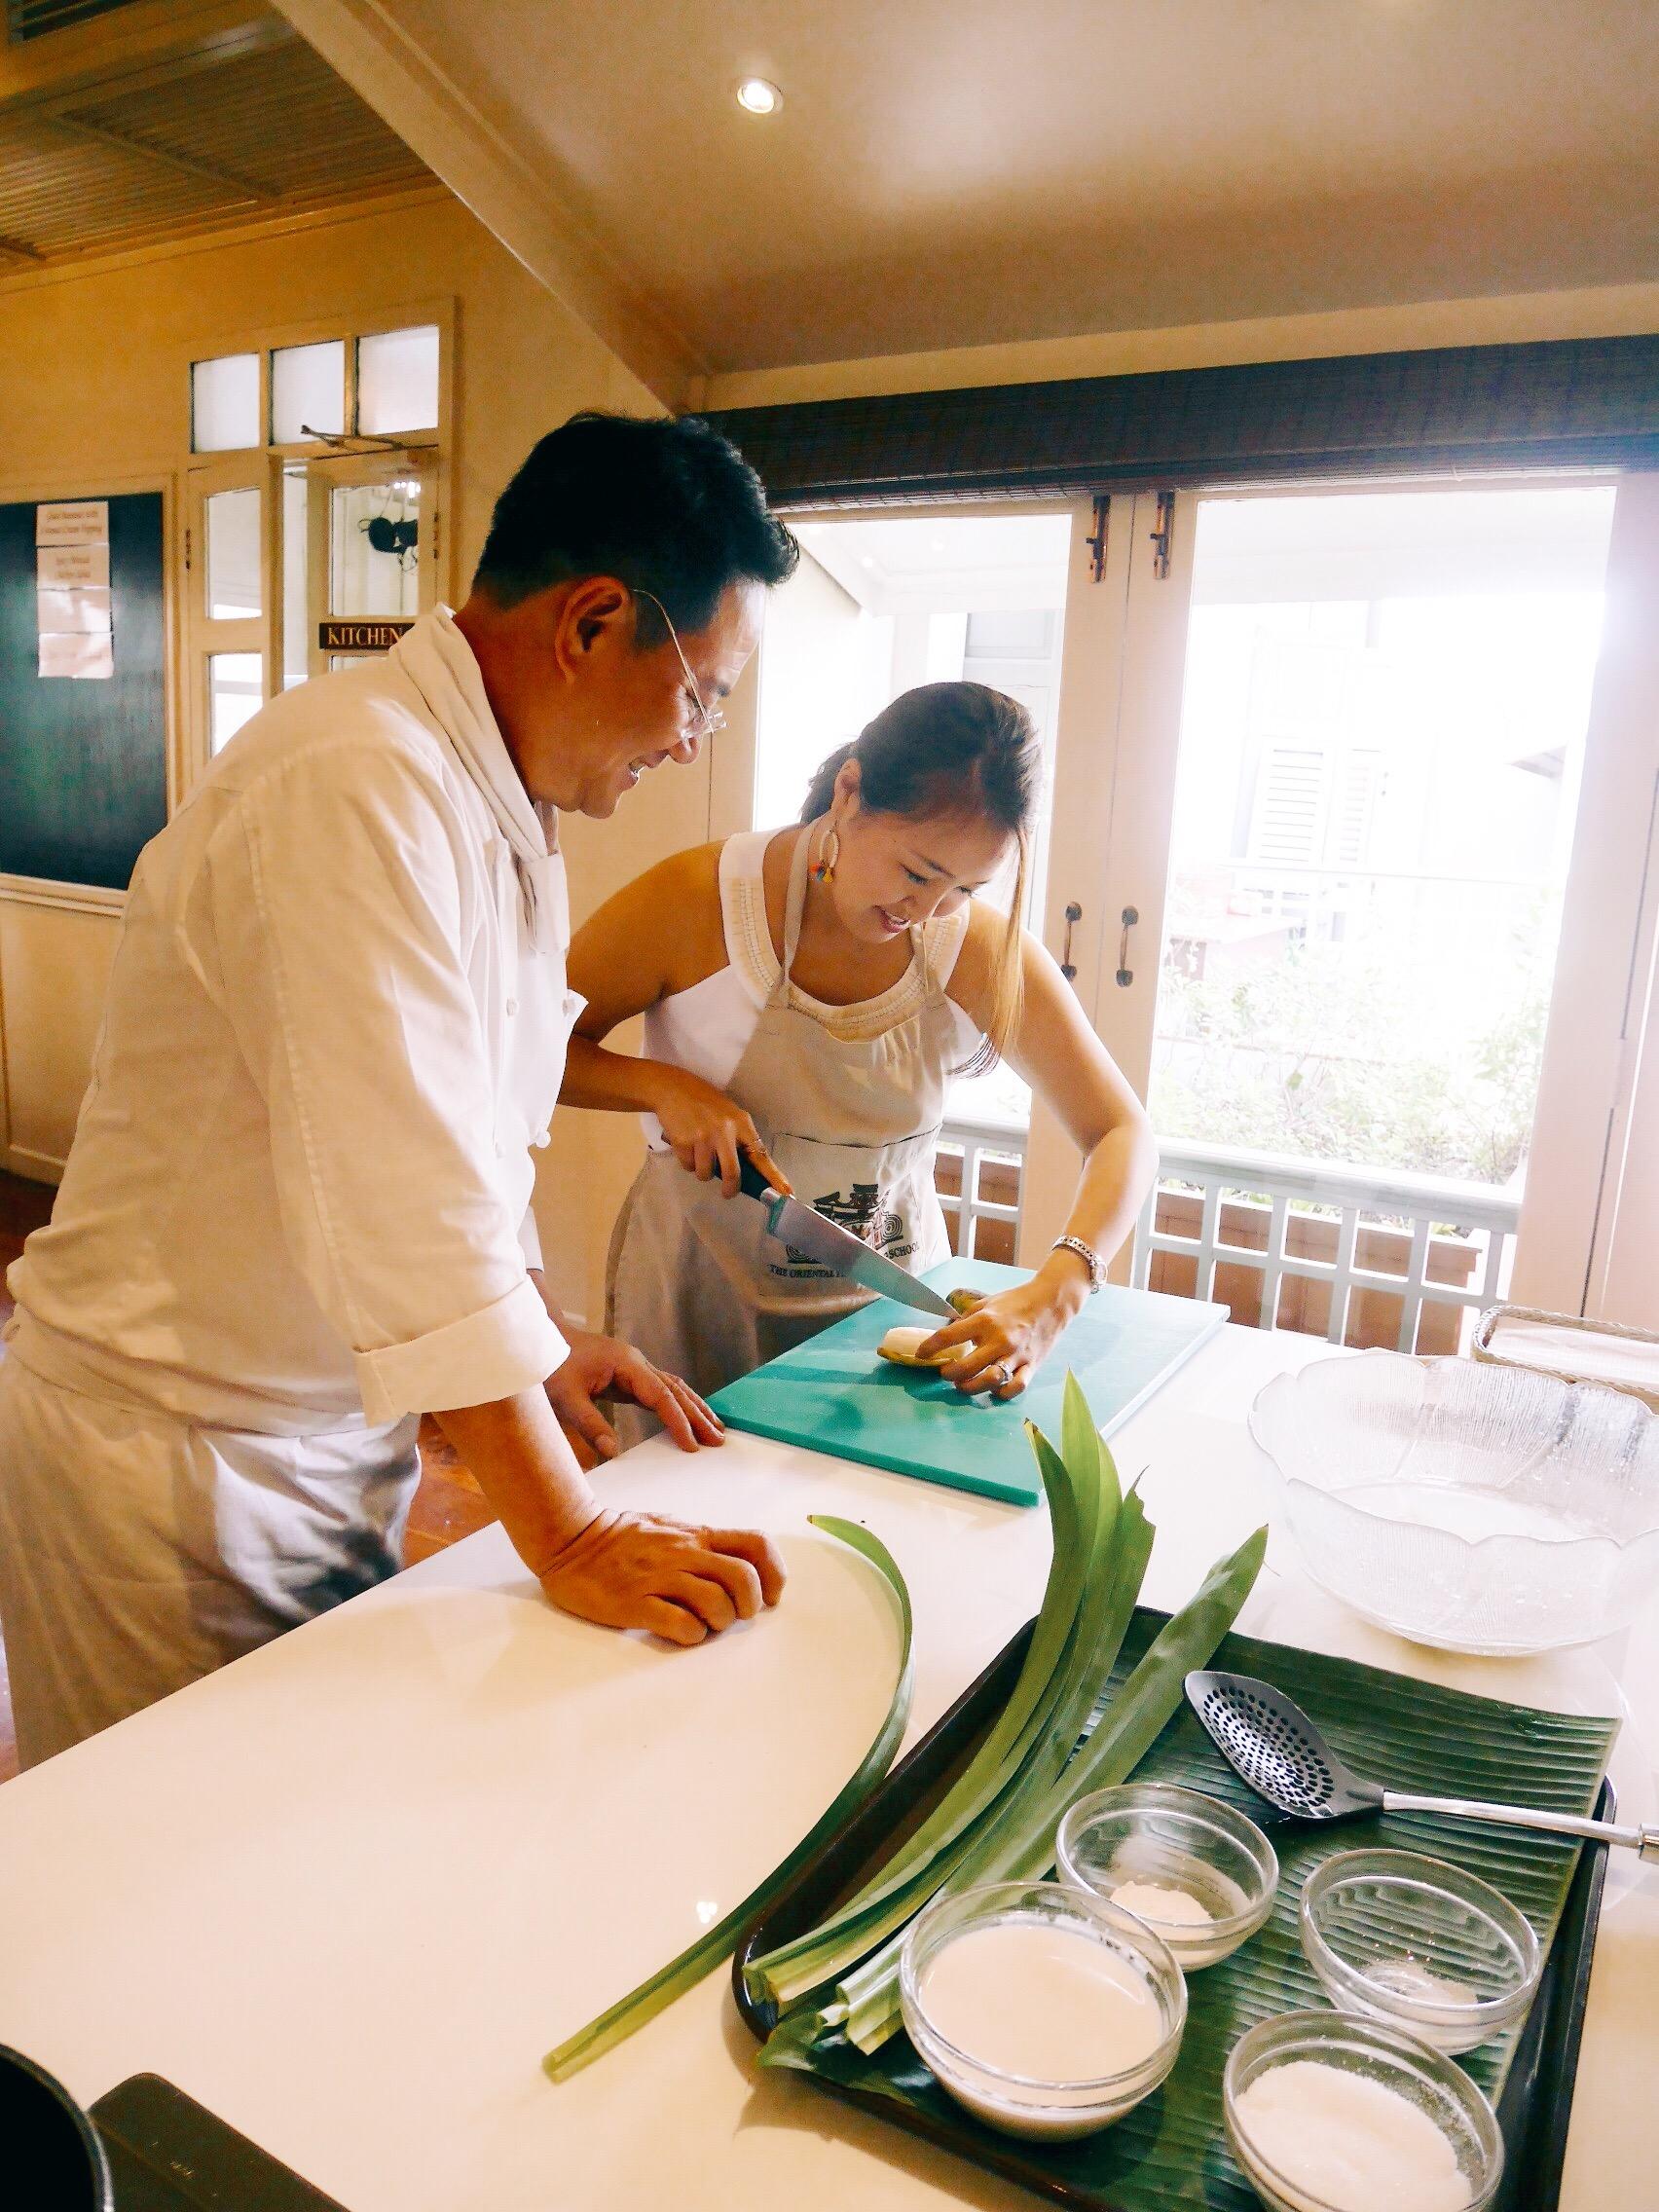 47cdf95a 344b 4720 a0c5 e0fb04b04a67 - The Oriental Thai Cooking School - マンダリンオリエンタルバンコクのおもてなし空間で体験する絶品タイ料理教室